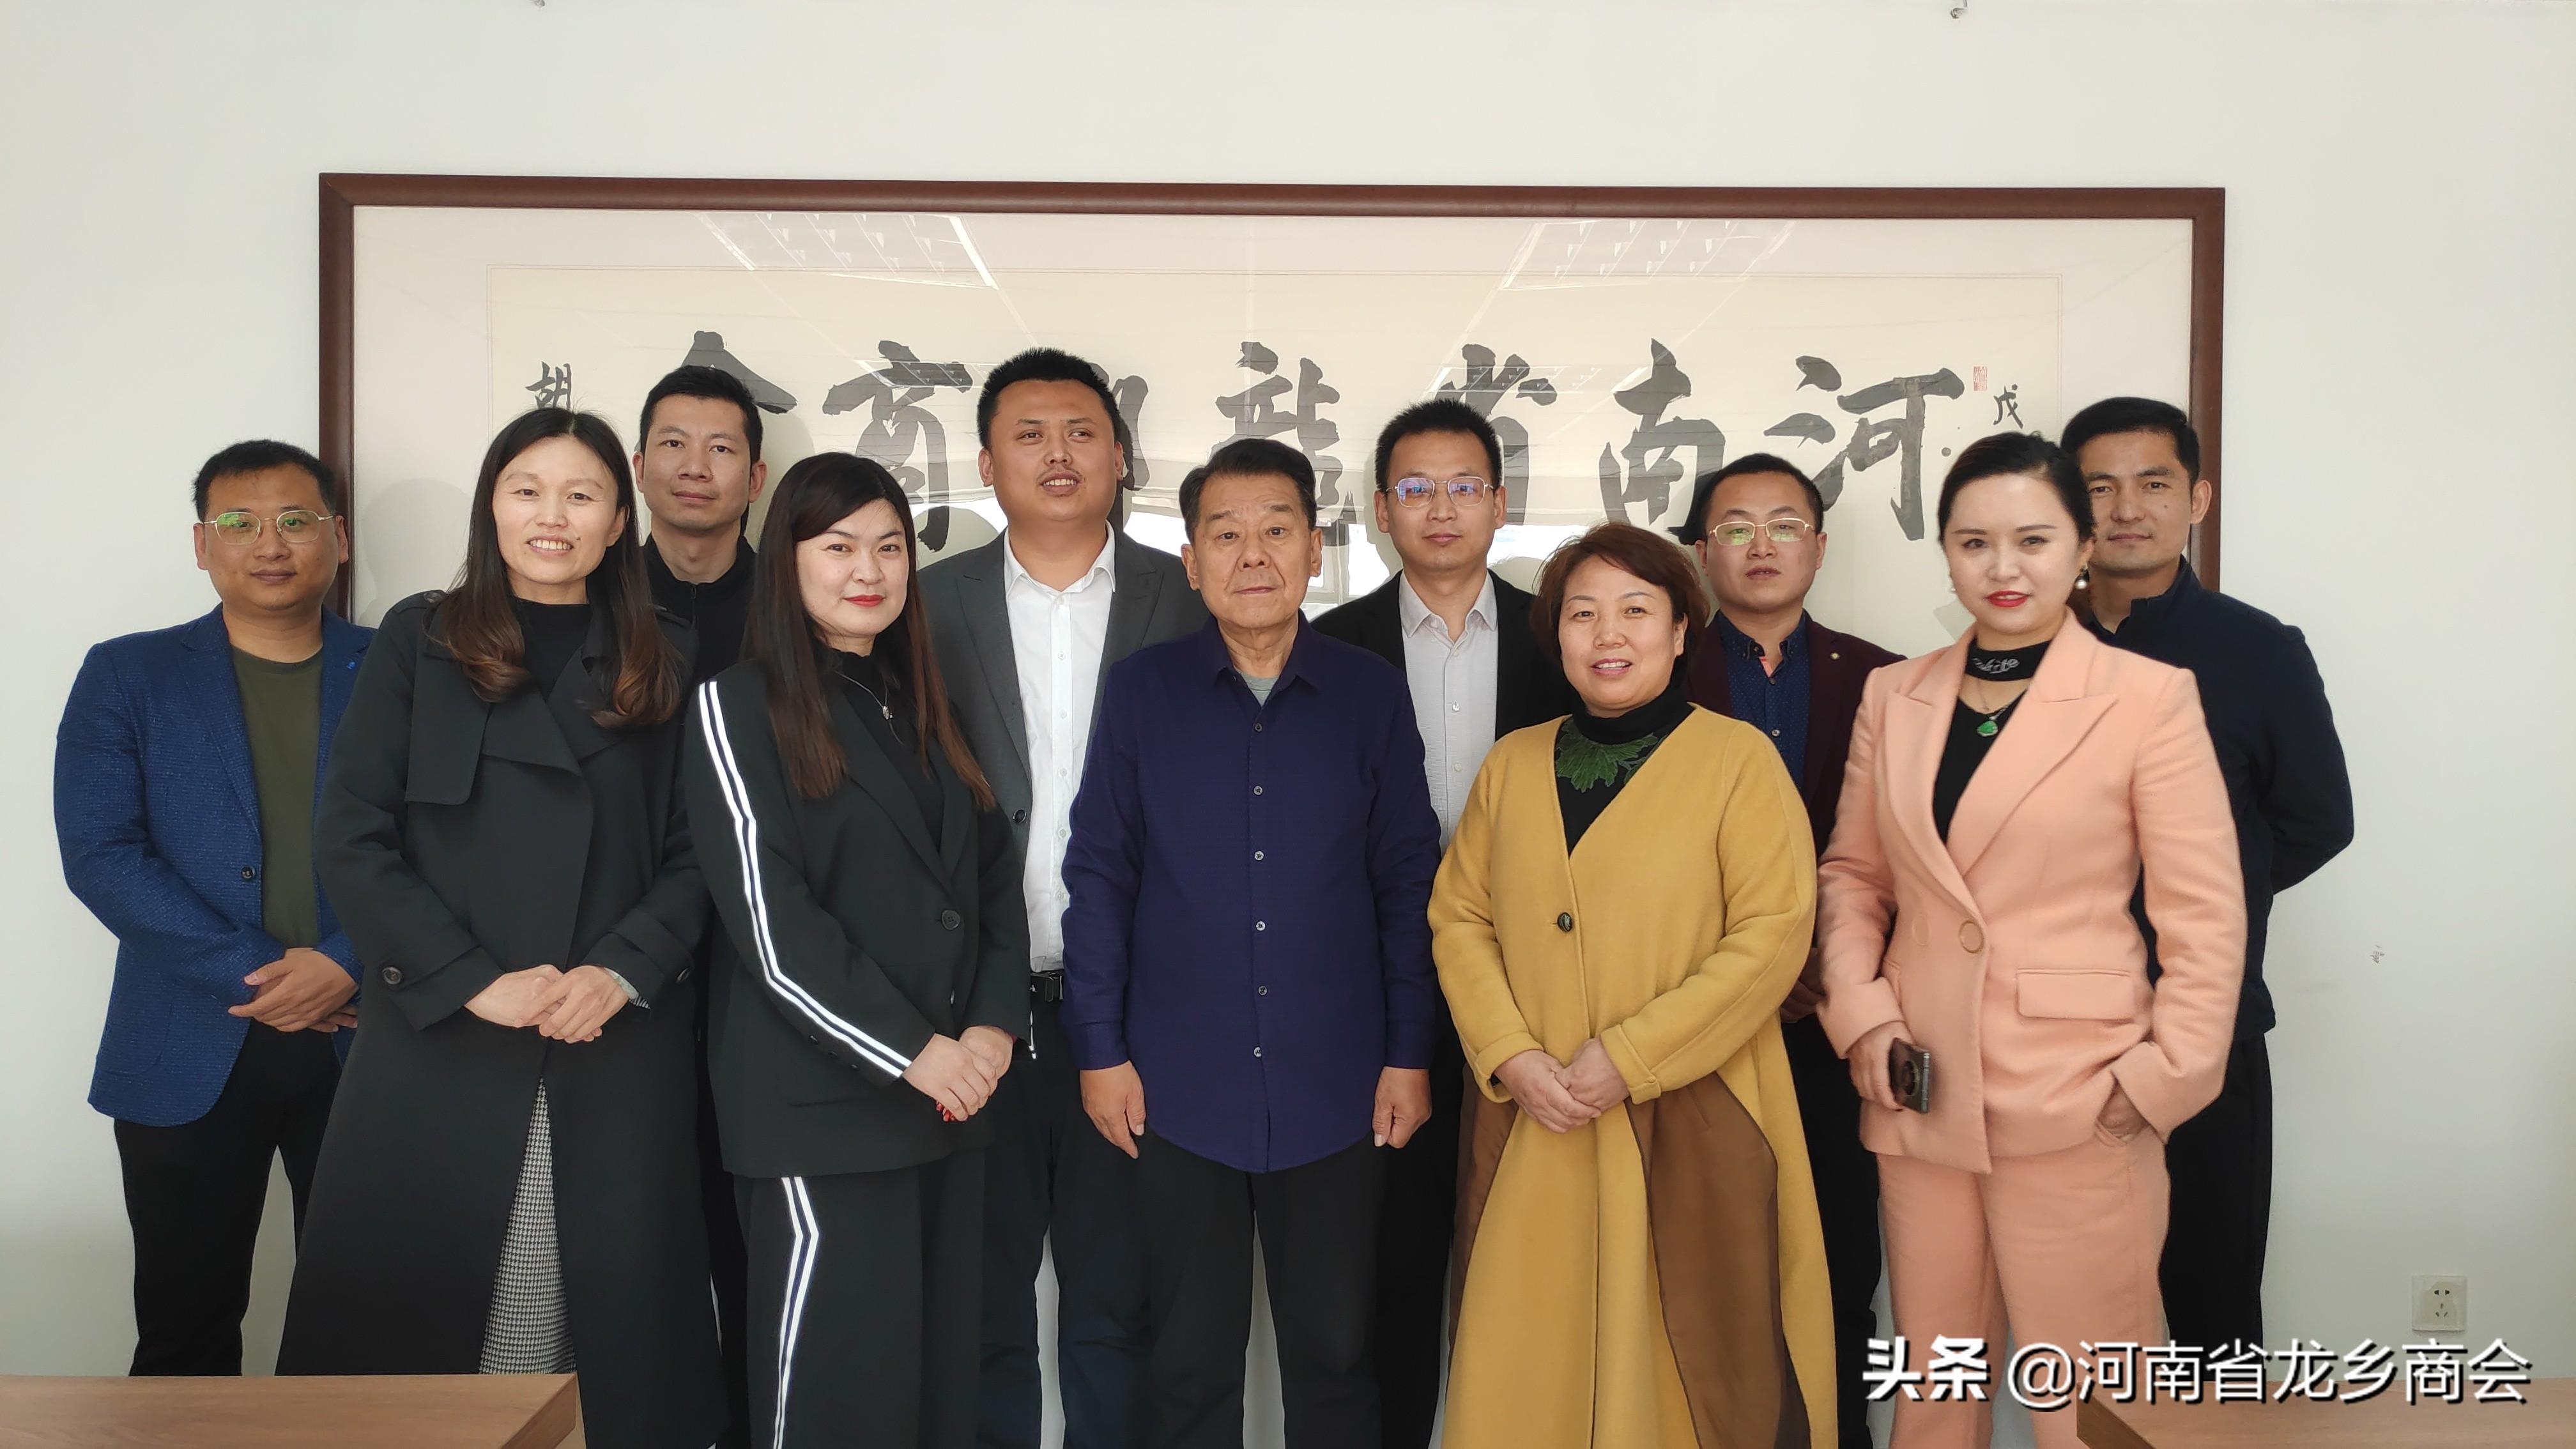 河南省龙乡商会秘书处接待会员到访